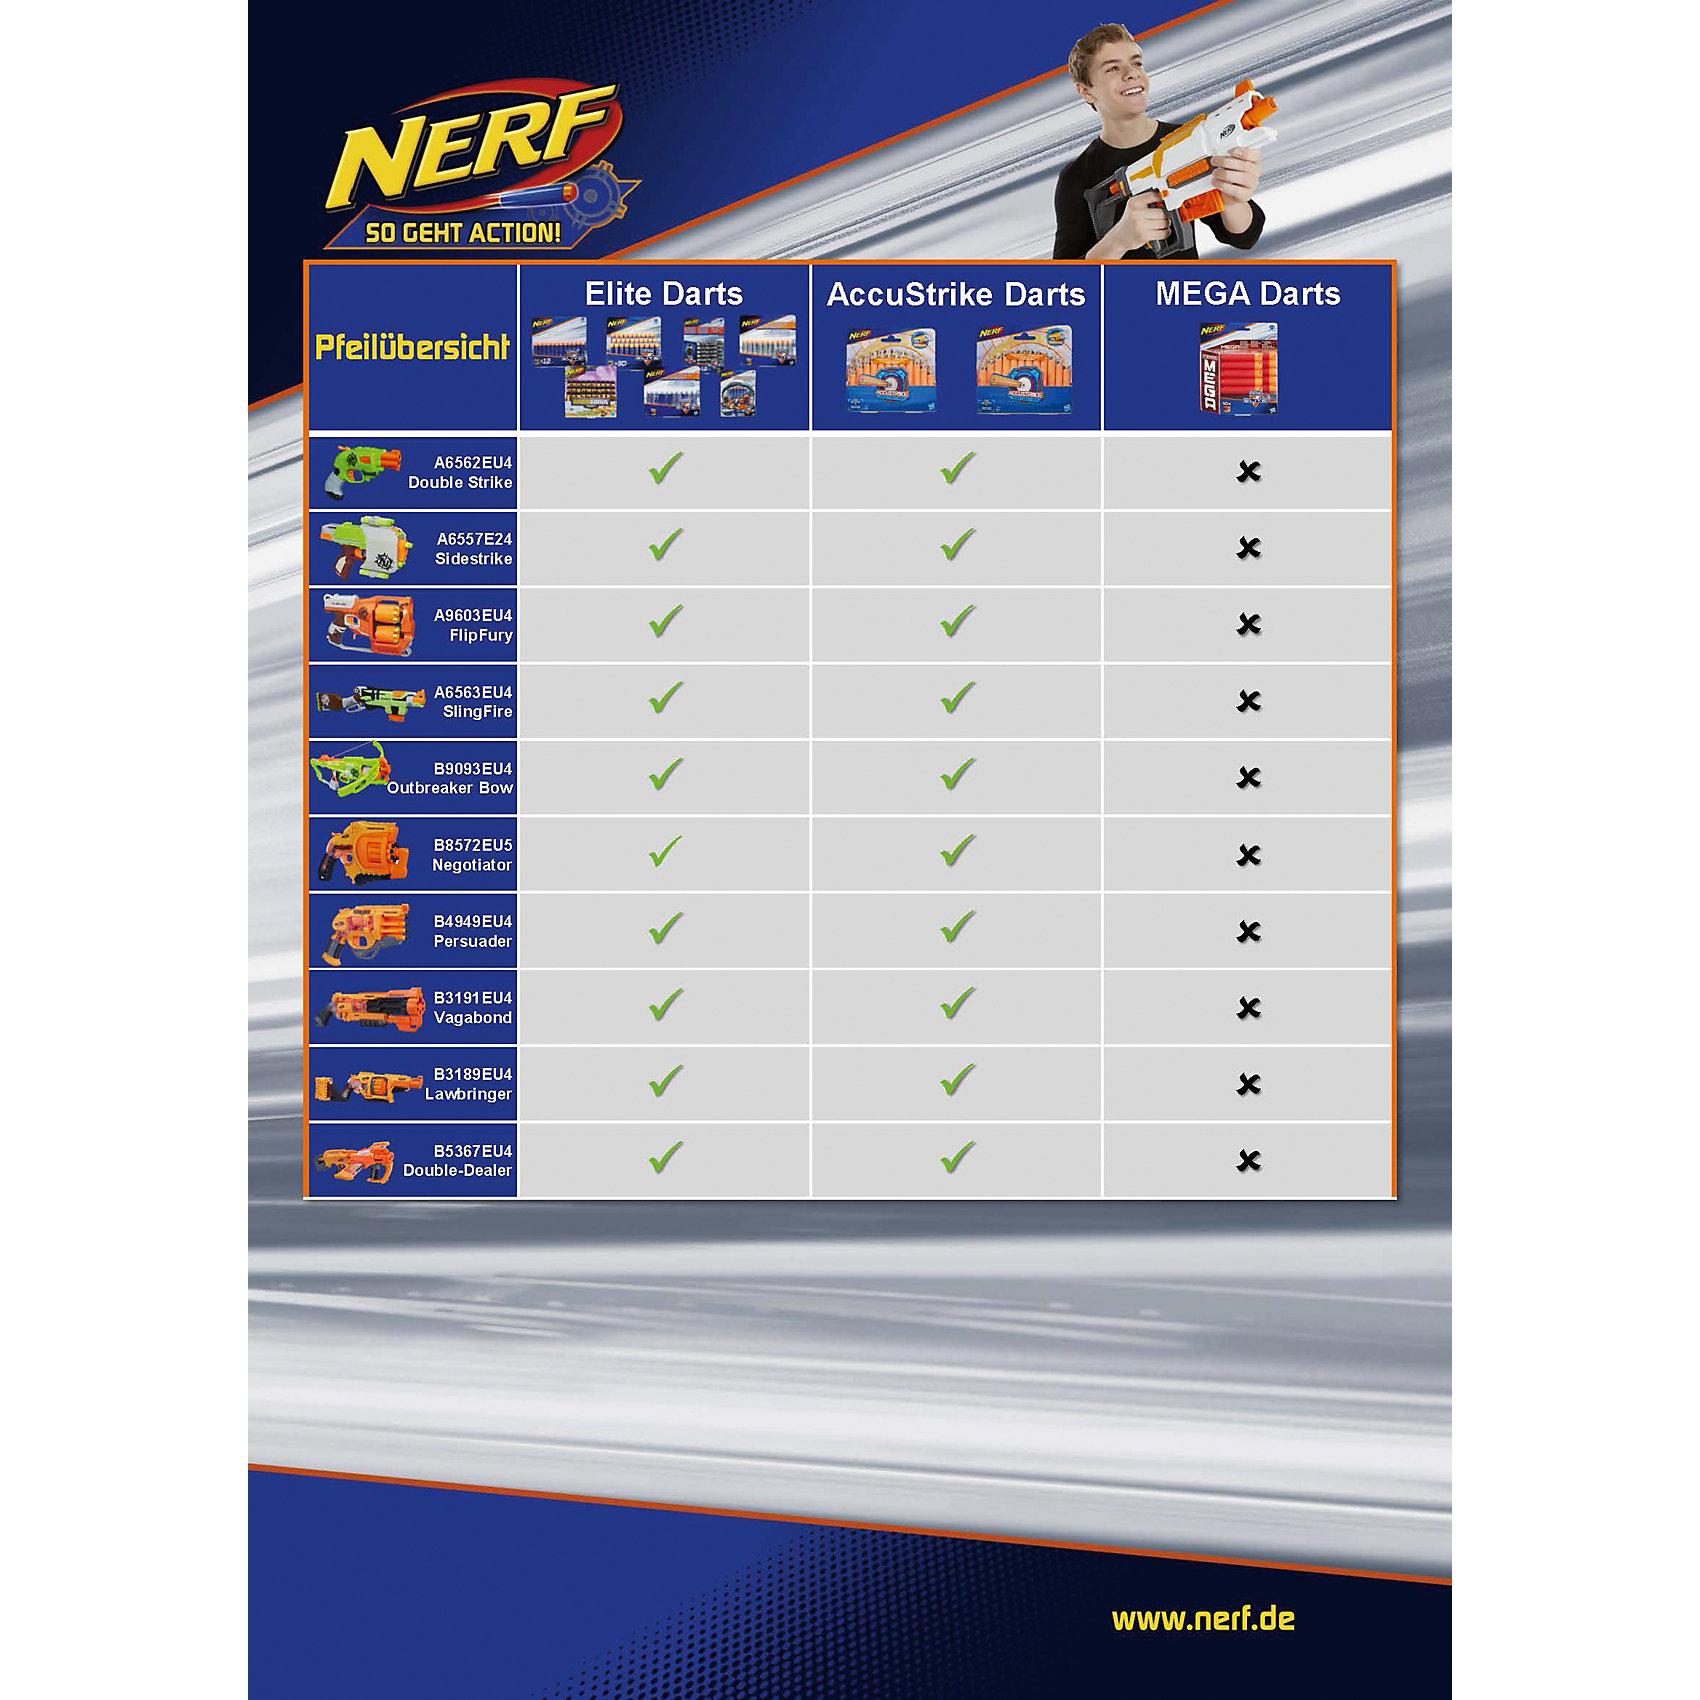 �������� 30 ����� ��� ���������, NERF (Hasbro)